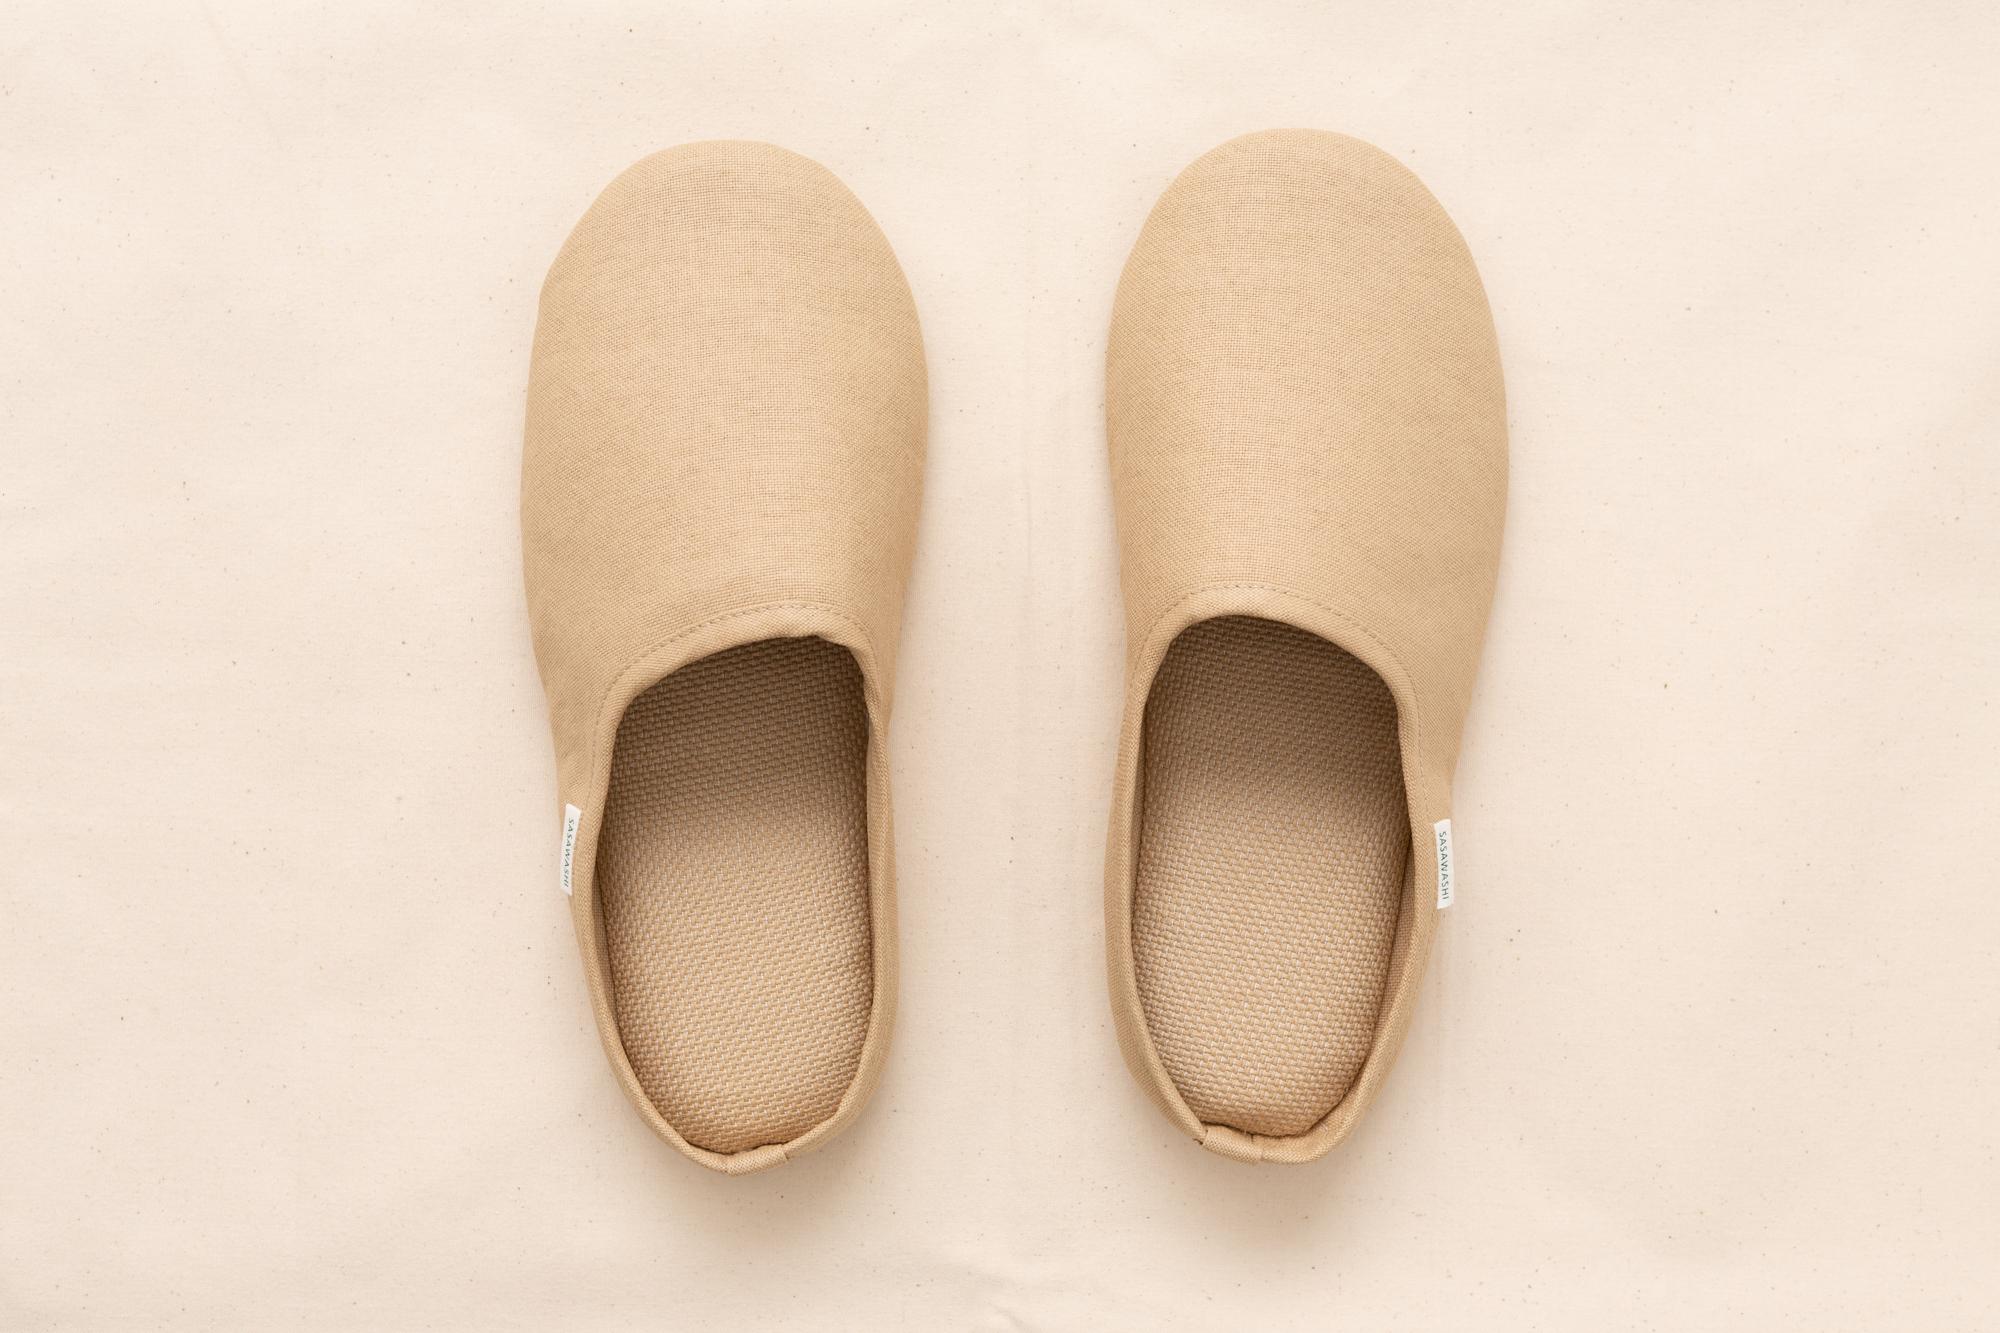 Morihata Sasawashi Room Shoes, Camel